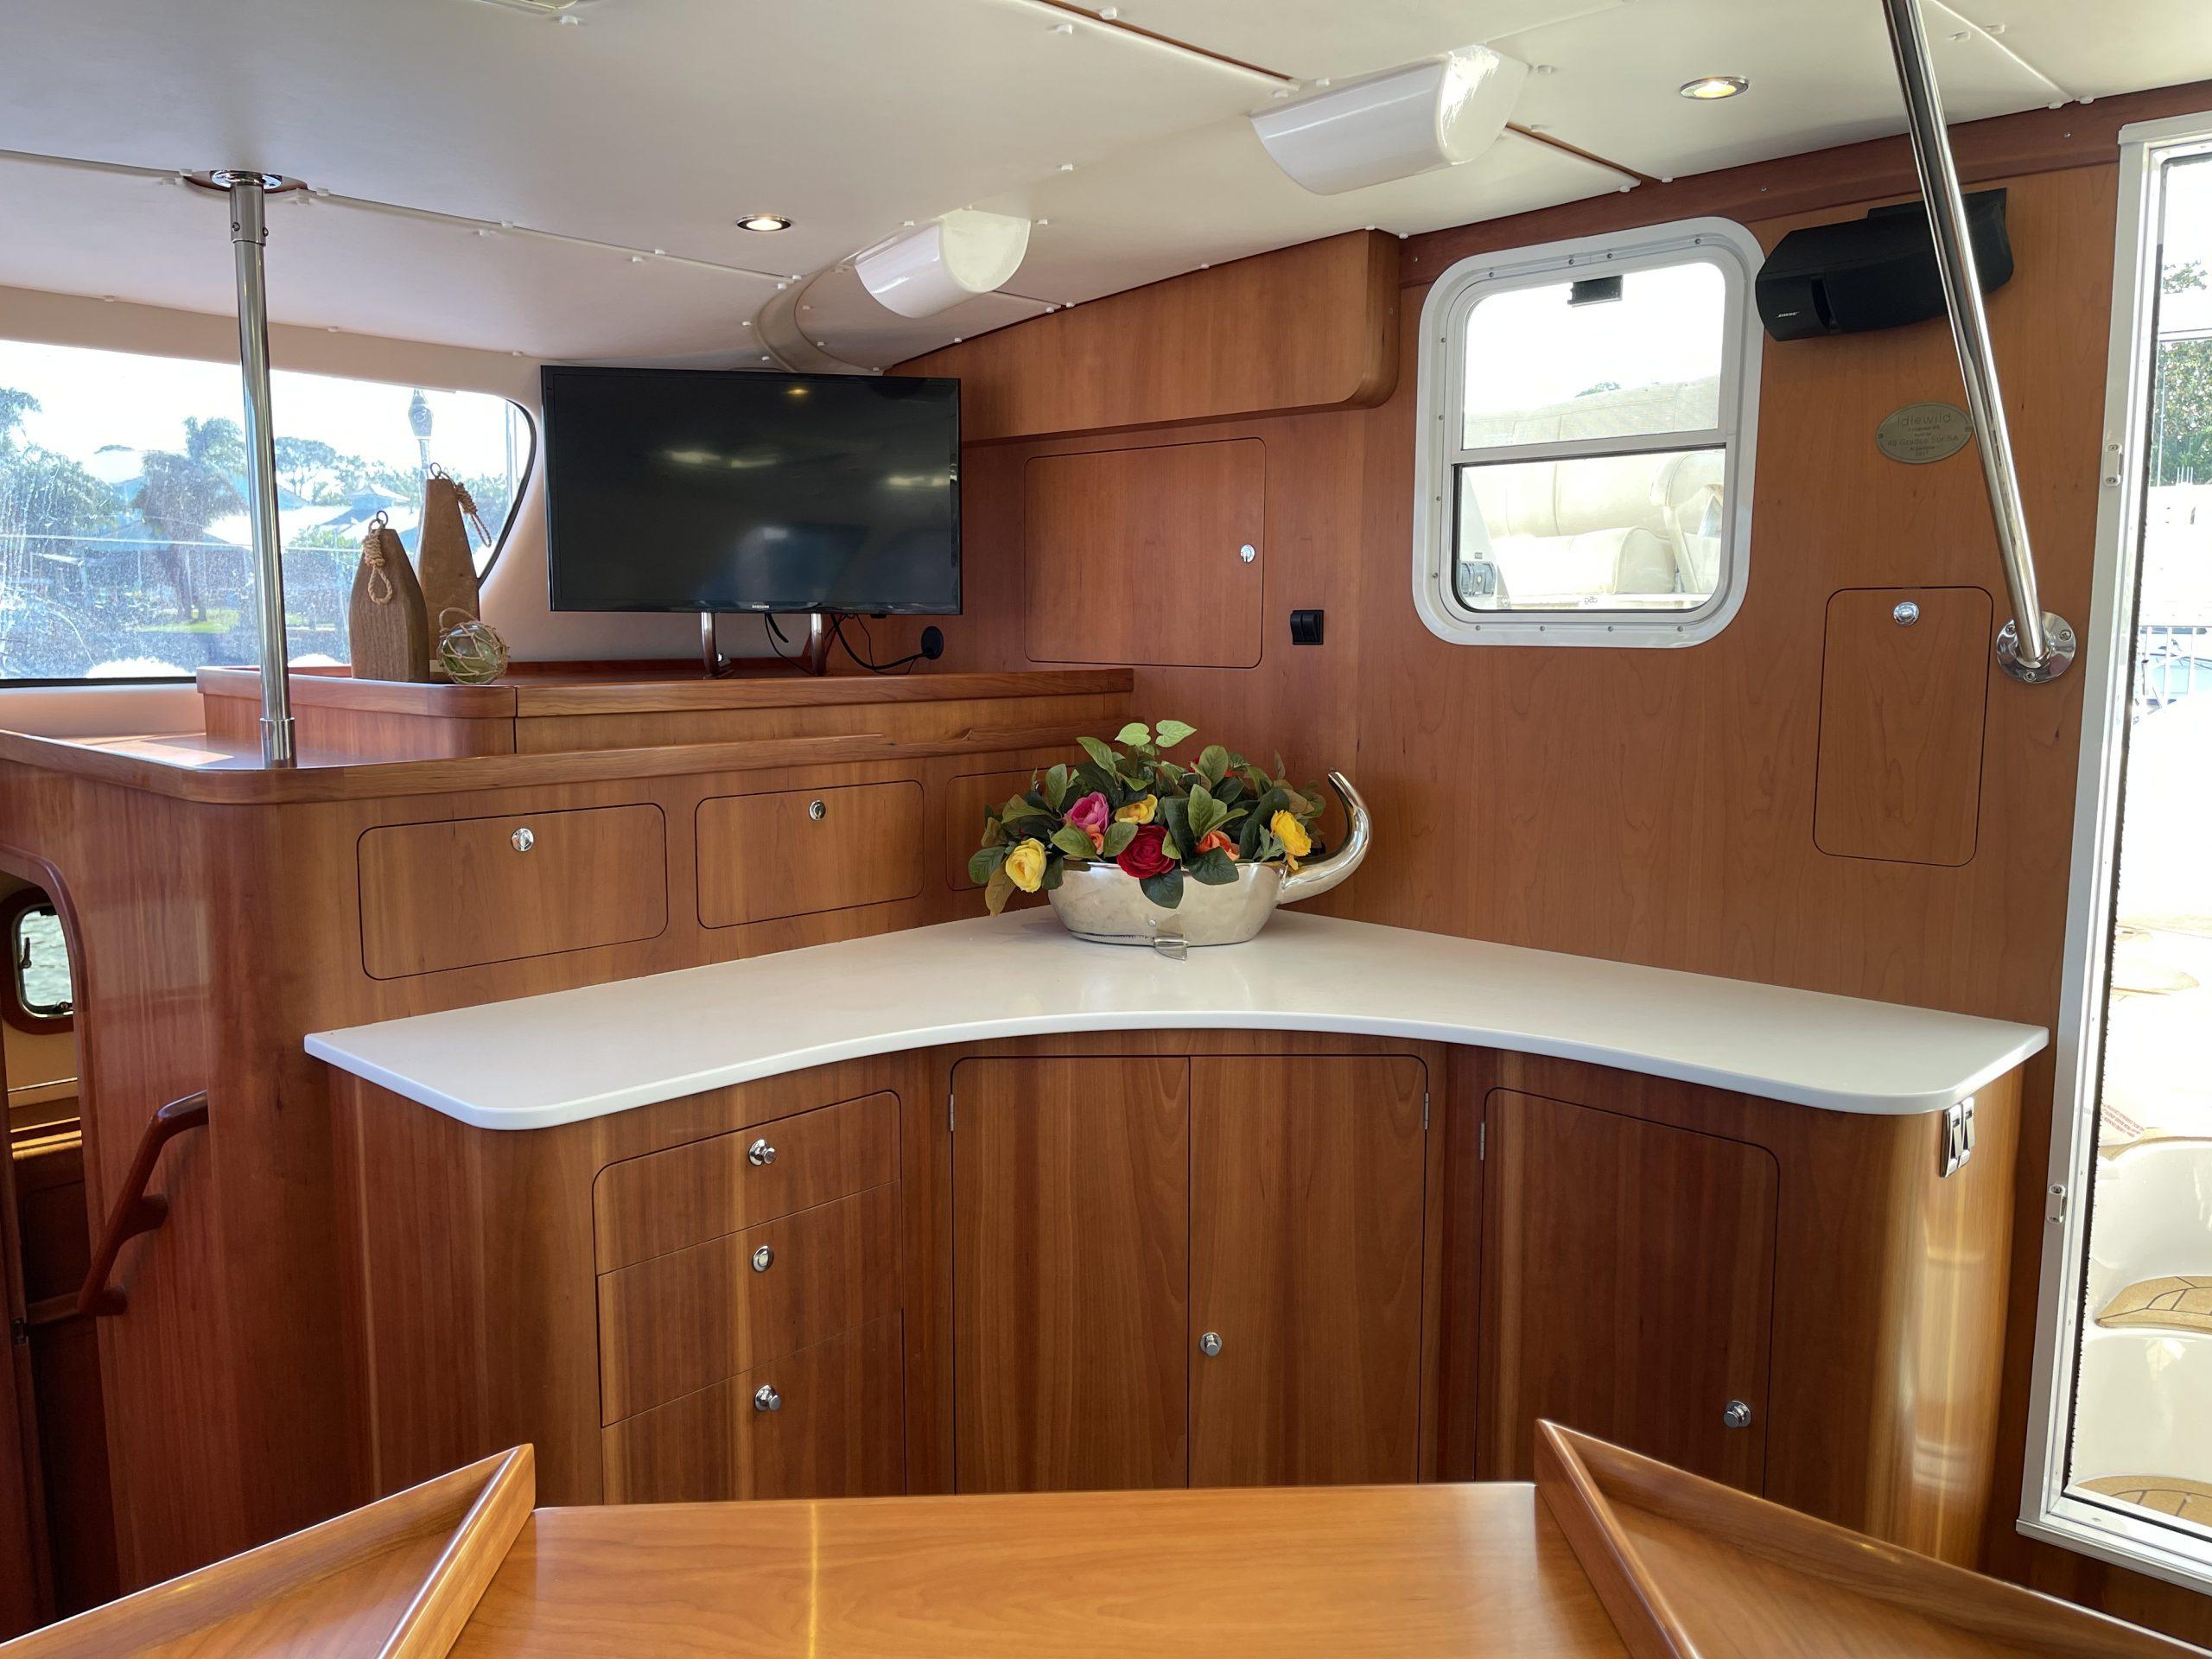 Idlewild catamaran spacious galley